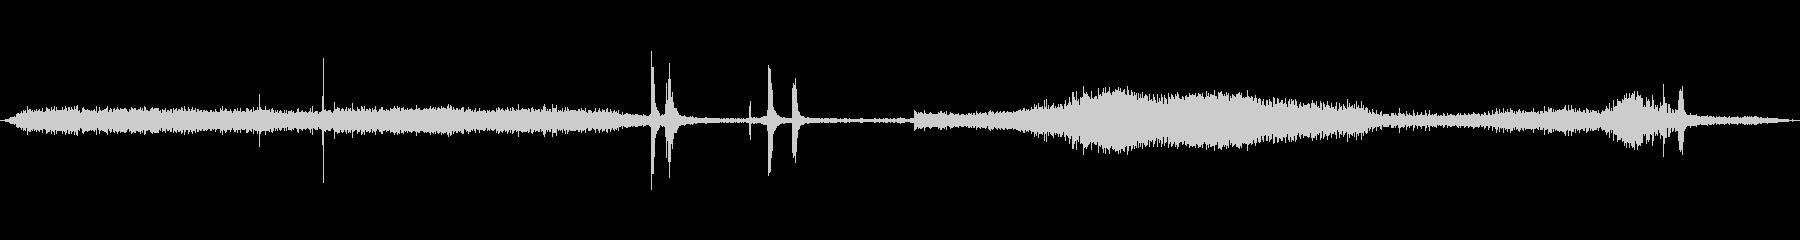 複数の穴、複数の穴あけドリル電動ドリルの未再生の波形